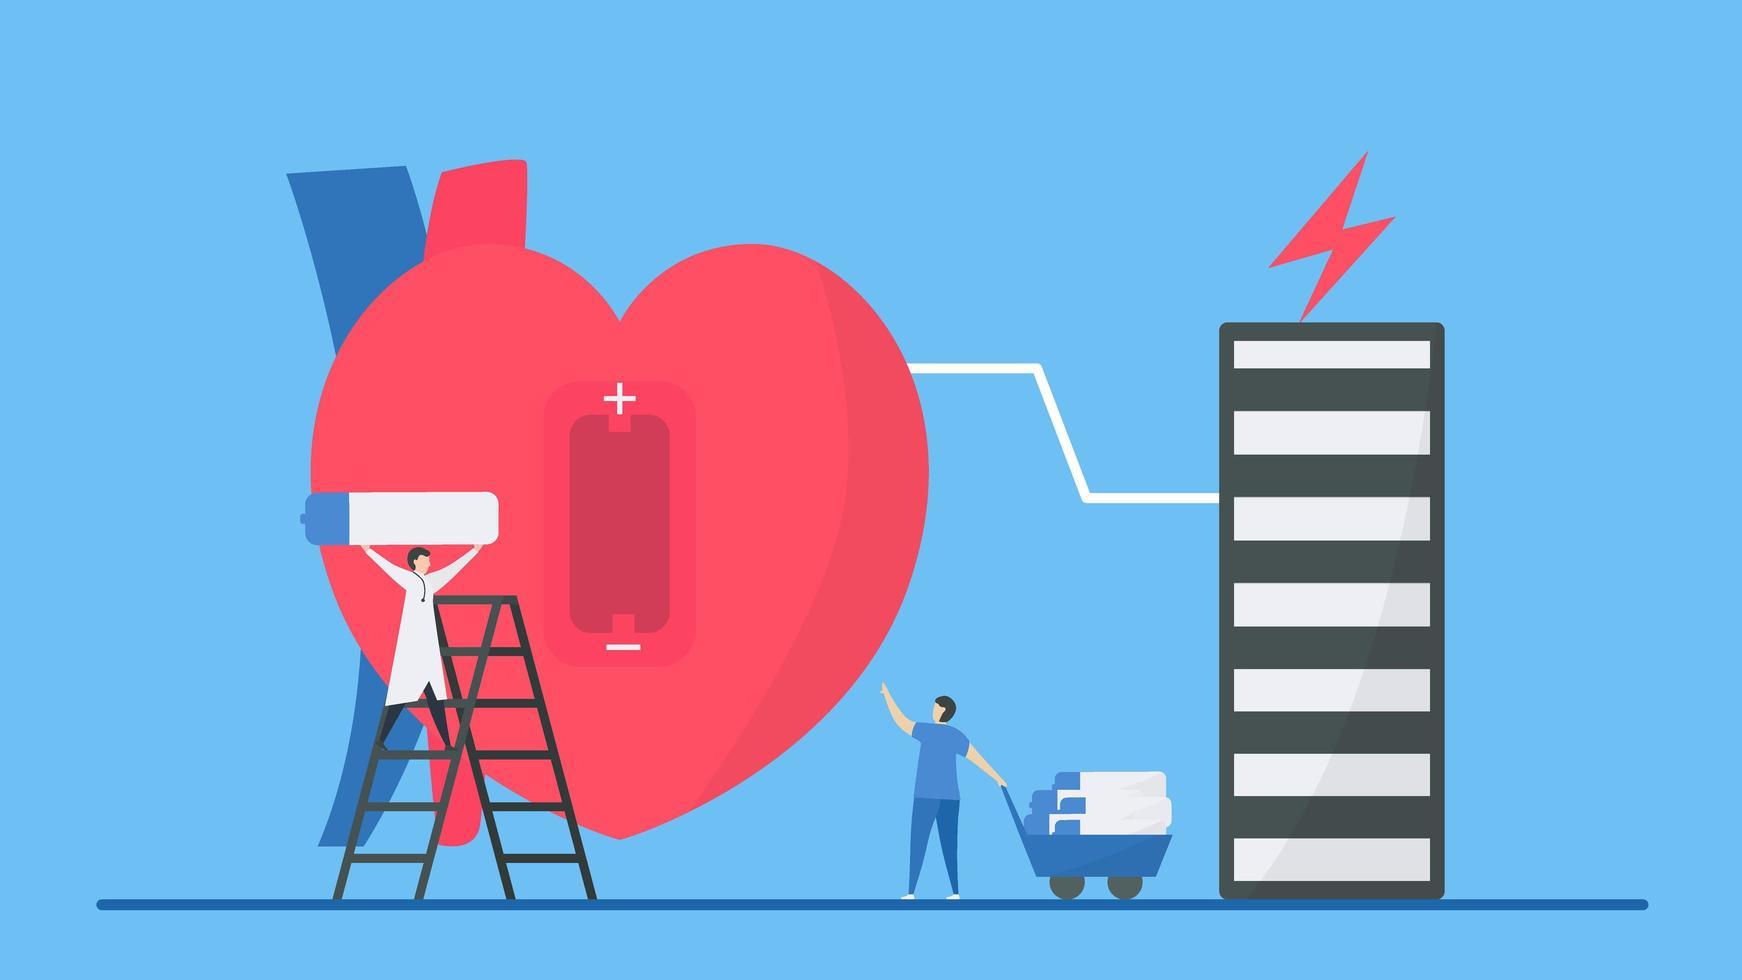 Bradykardie-Arrhythmie-Konzept mit Mitarbeitern, die Herzensenergie geben vektor